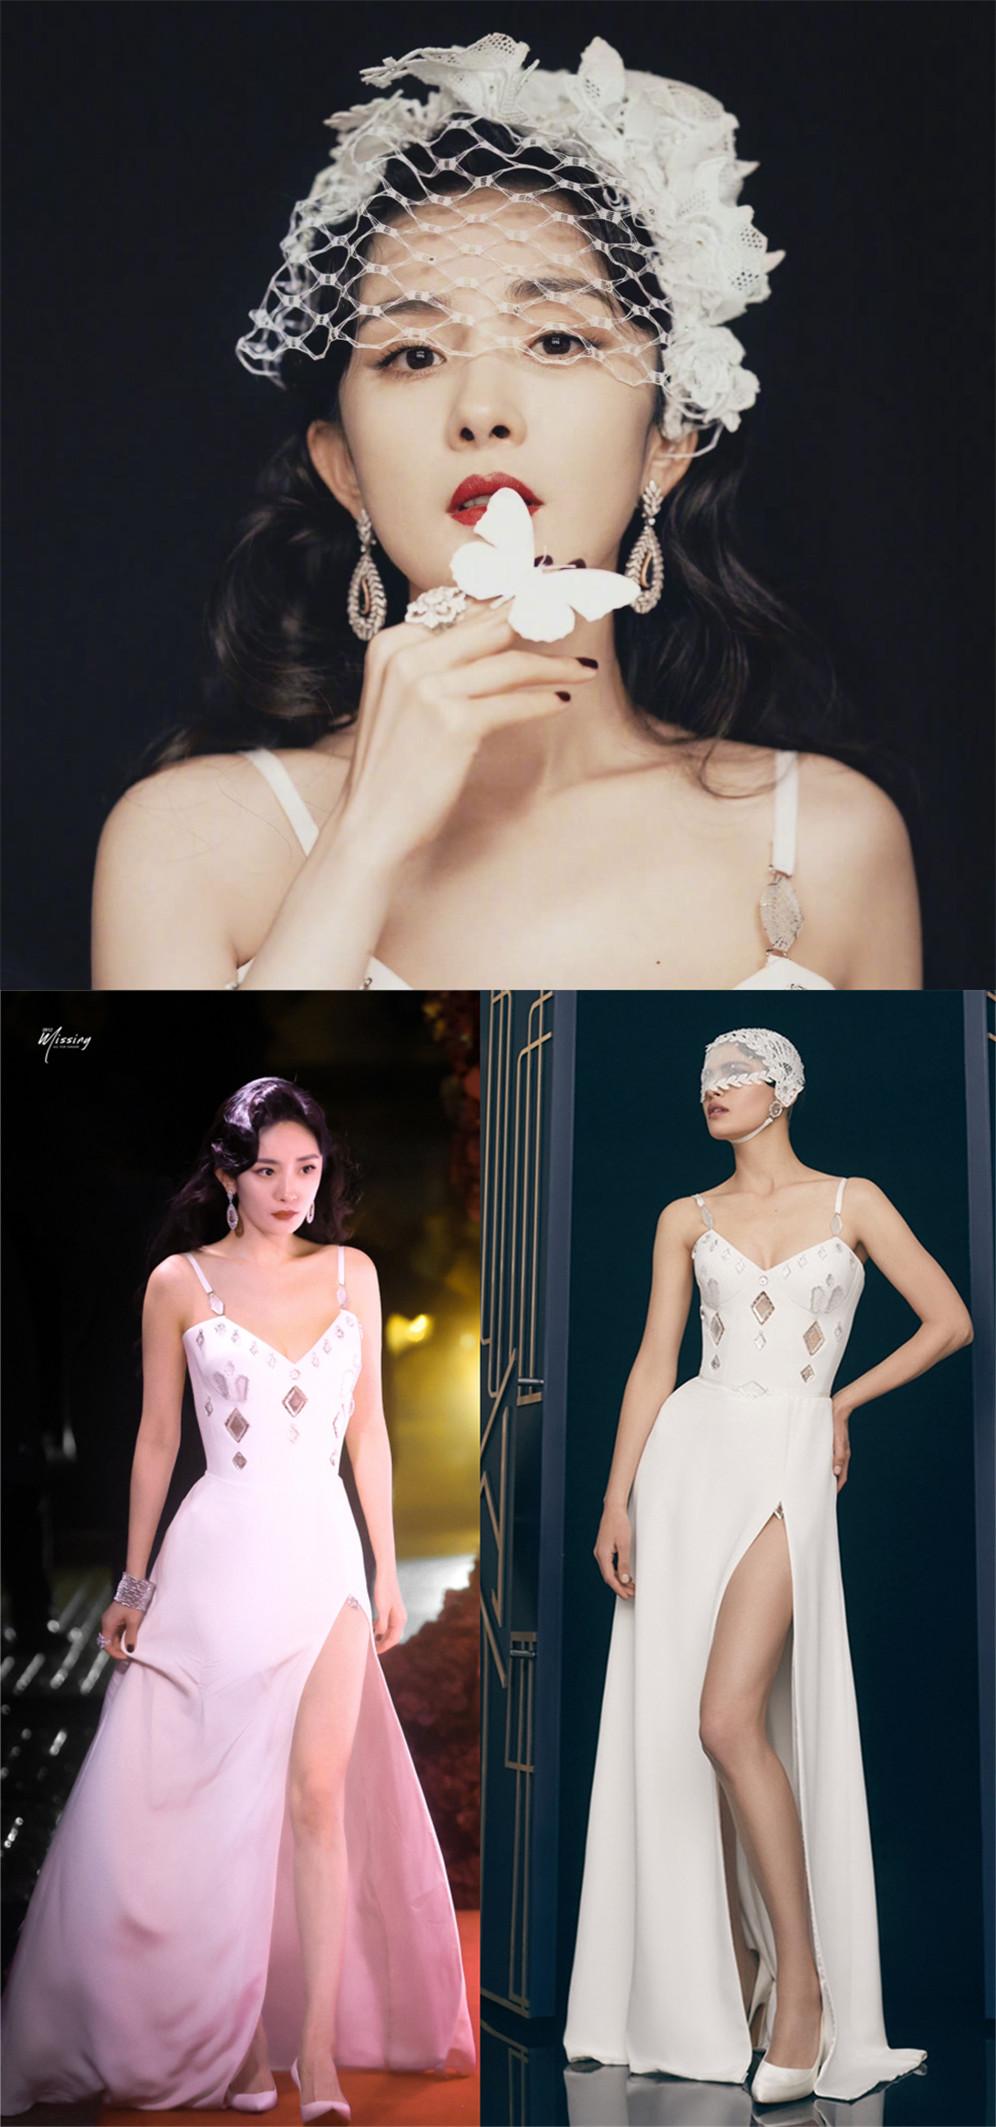 四大國模紅毯拼時髦,湯唯西裝配千萬珠寶,楊冪明艷卻沒燙裙子 形象穿搭 第11張